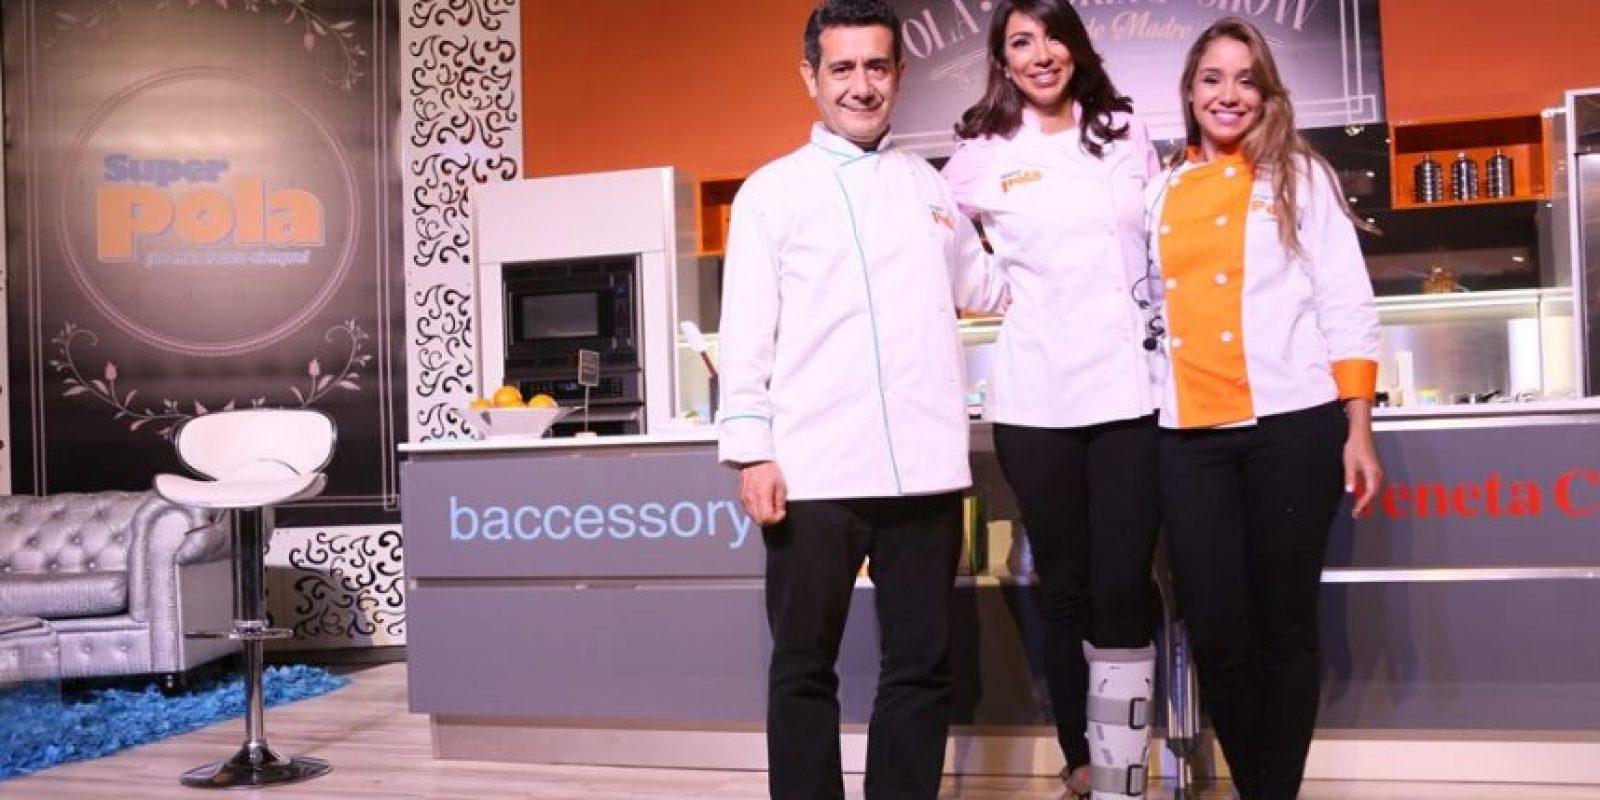 Los chefs Ciro Cassola, Gabriella Reginato y Sarah Castaños son los responsables de estos deliciosos platos. Foto:Fuente Externa